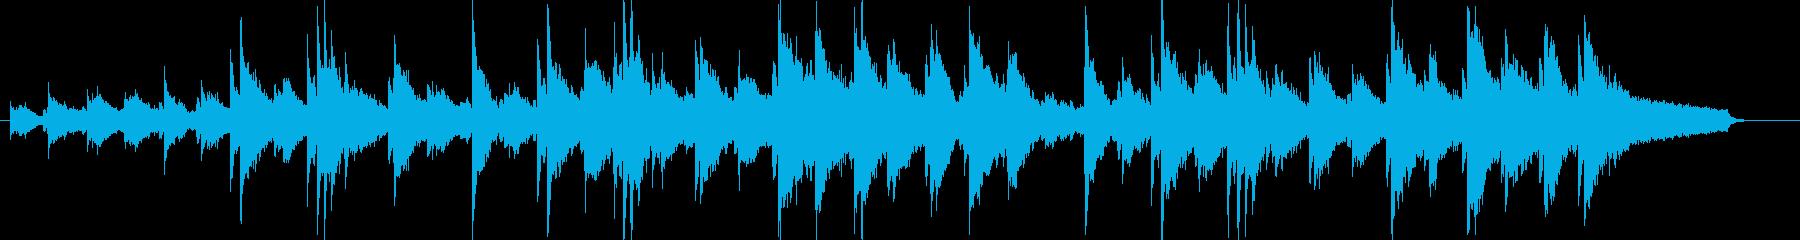 力強いピアノサウンドの再生済みの波形